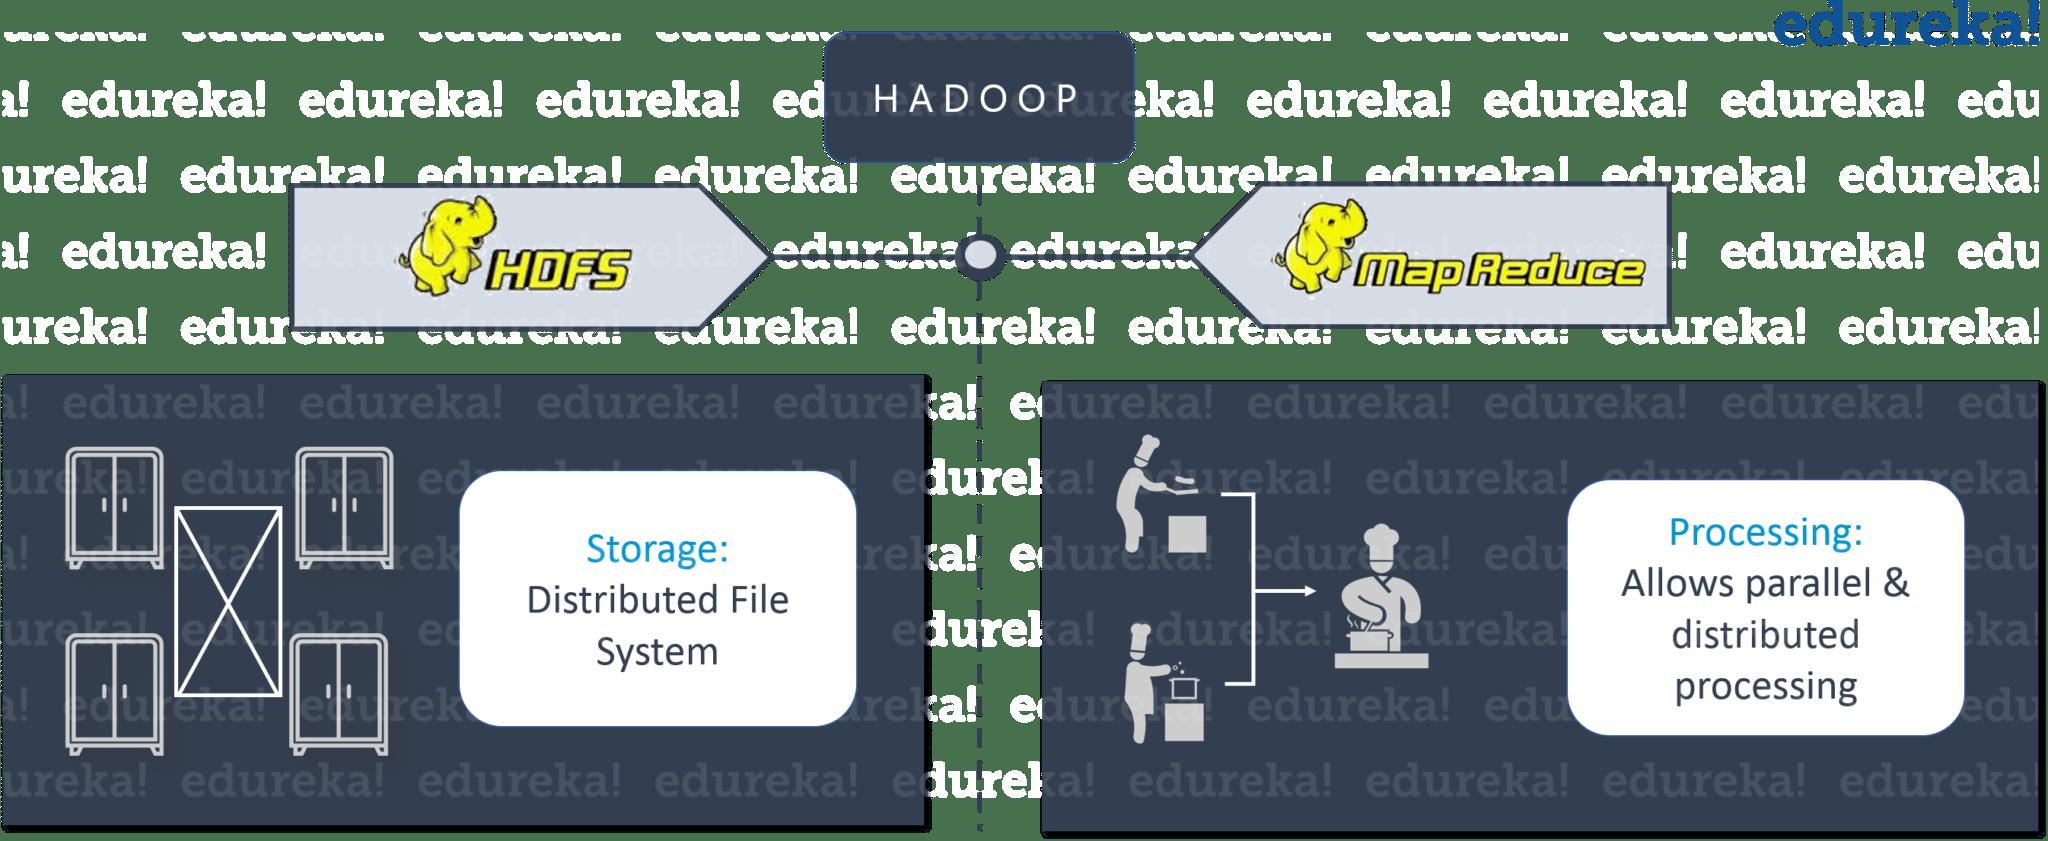 Hadoop as a Solution - Restaurant Analogy - Hadoop Tutorial - Edureka